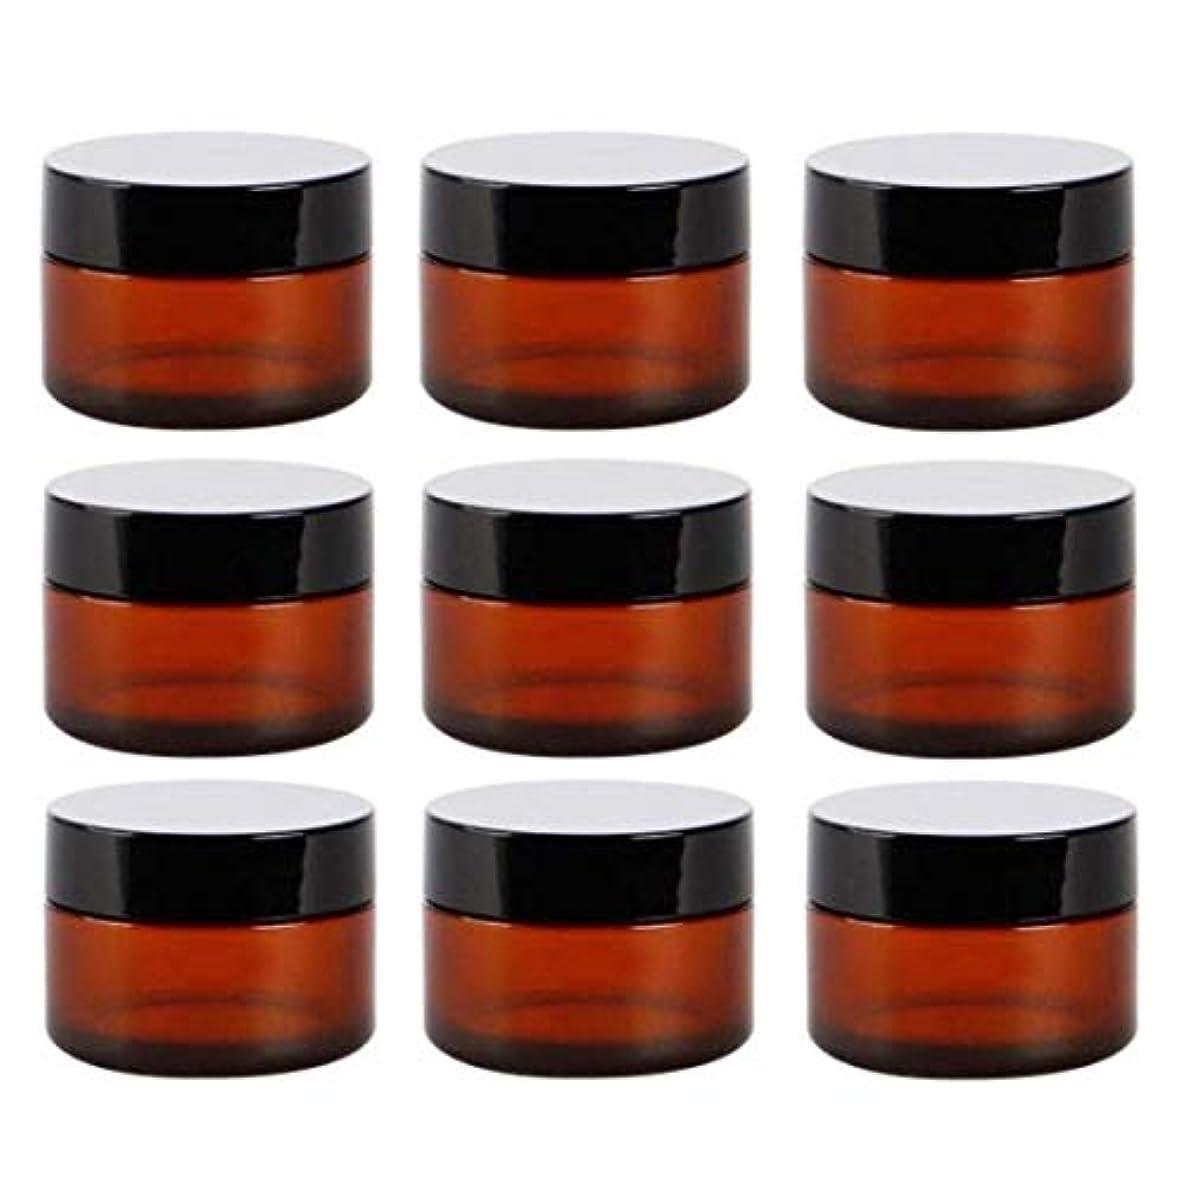 内向きのヒープ否定するスポイト遮光瓶 アロマオイル 9本セット 精油 香水やアロマの保存 小分け用 遮光瓶 保存 詰替え ガラス製 茶色10g